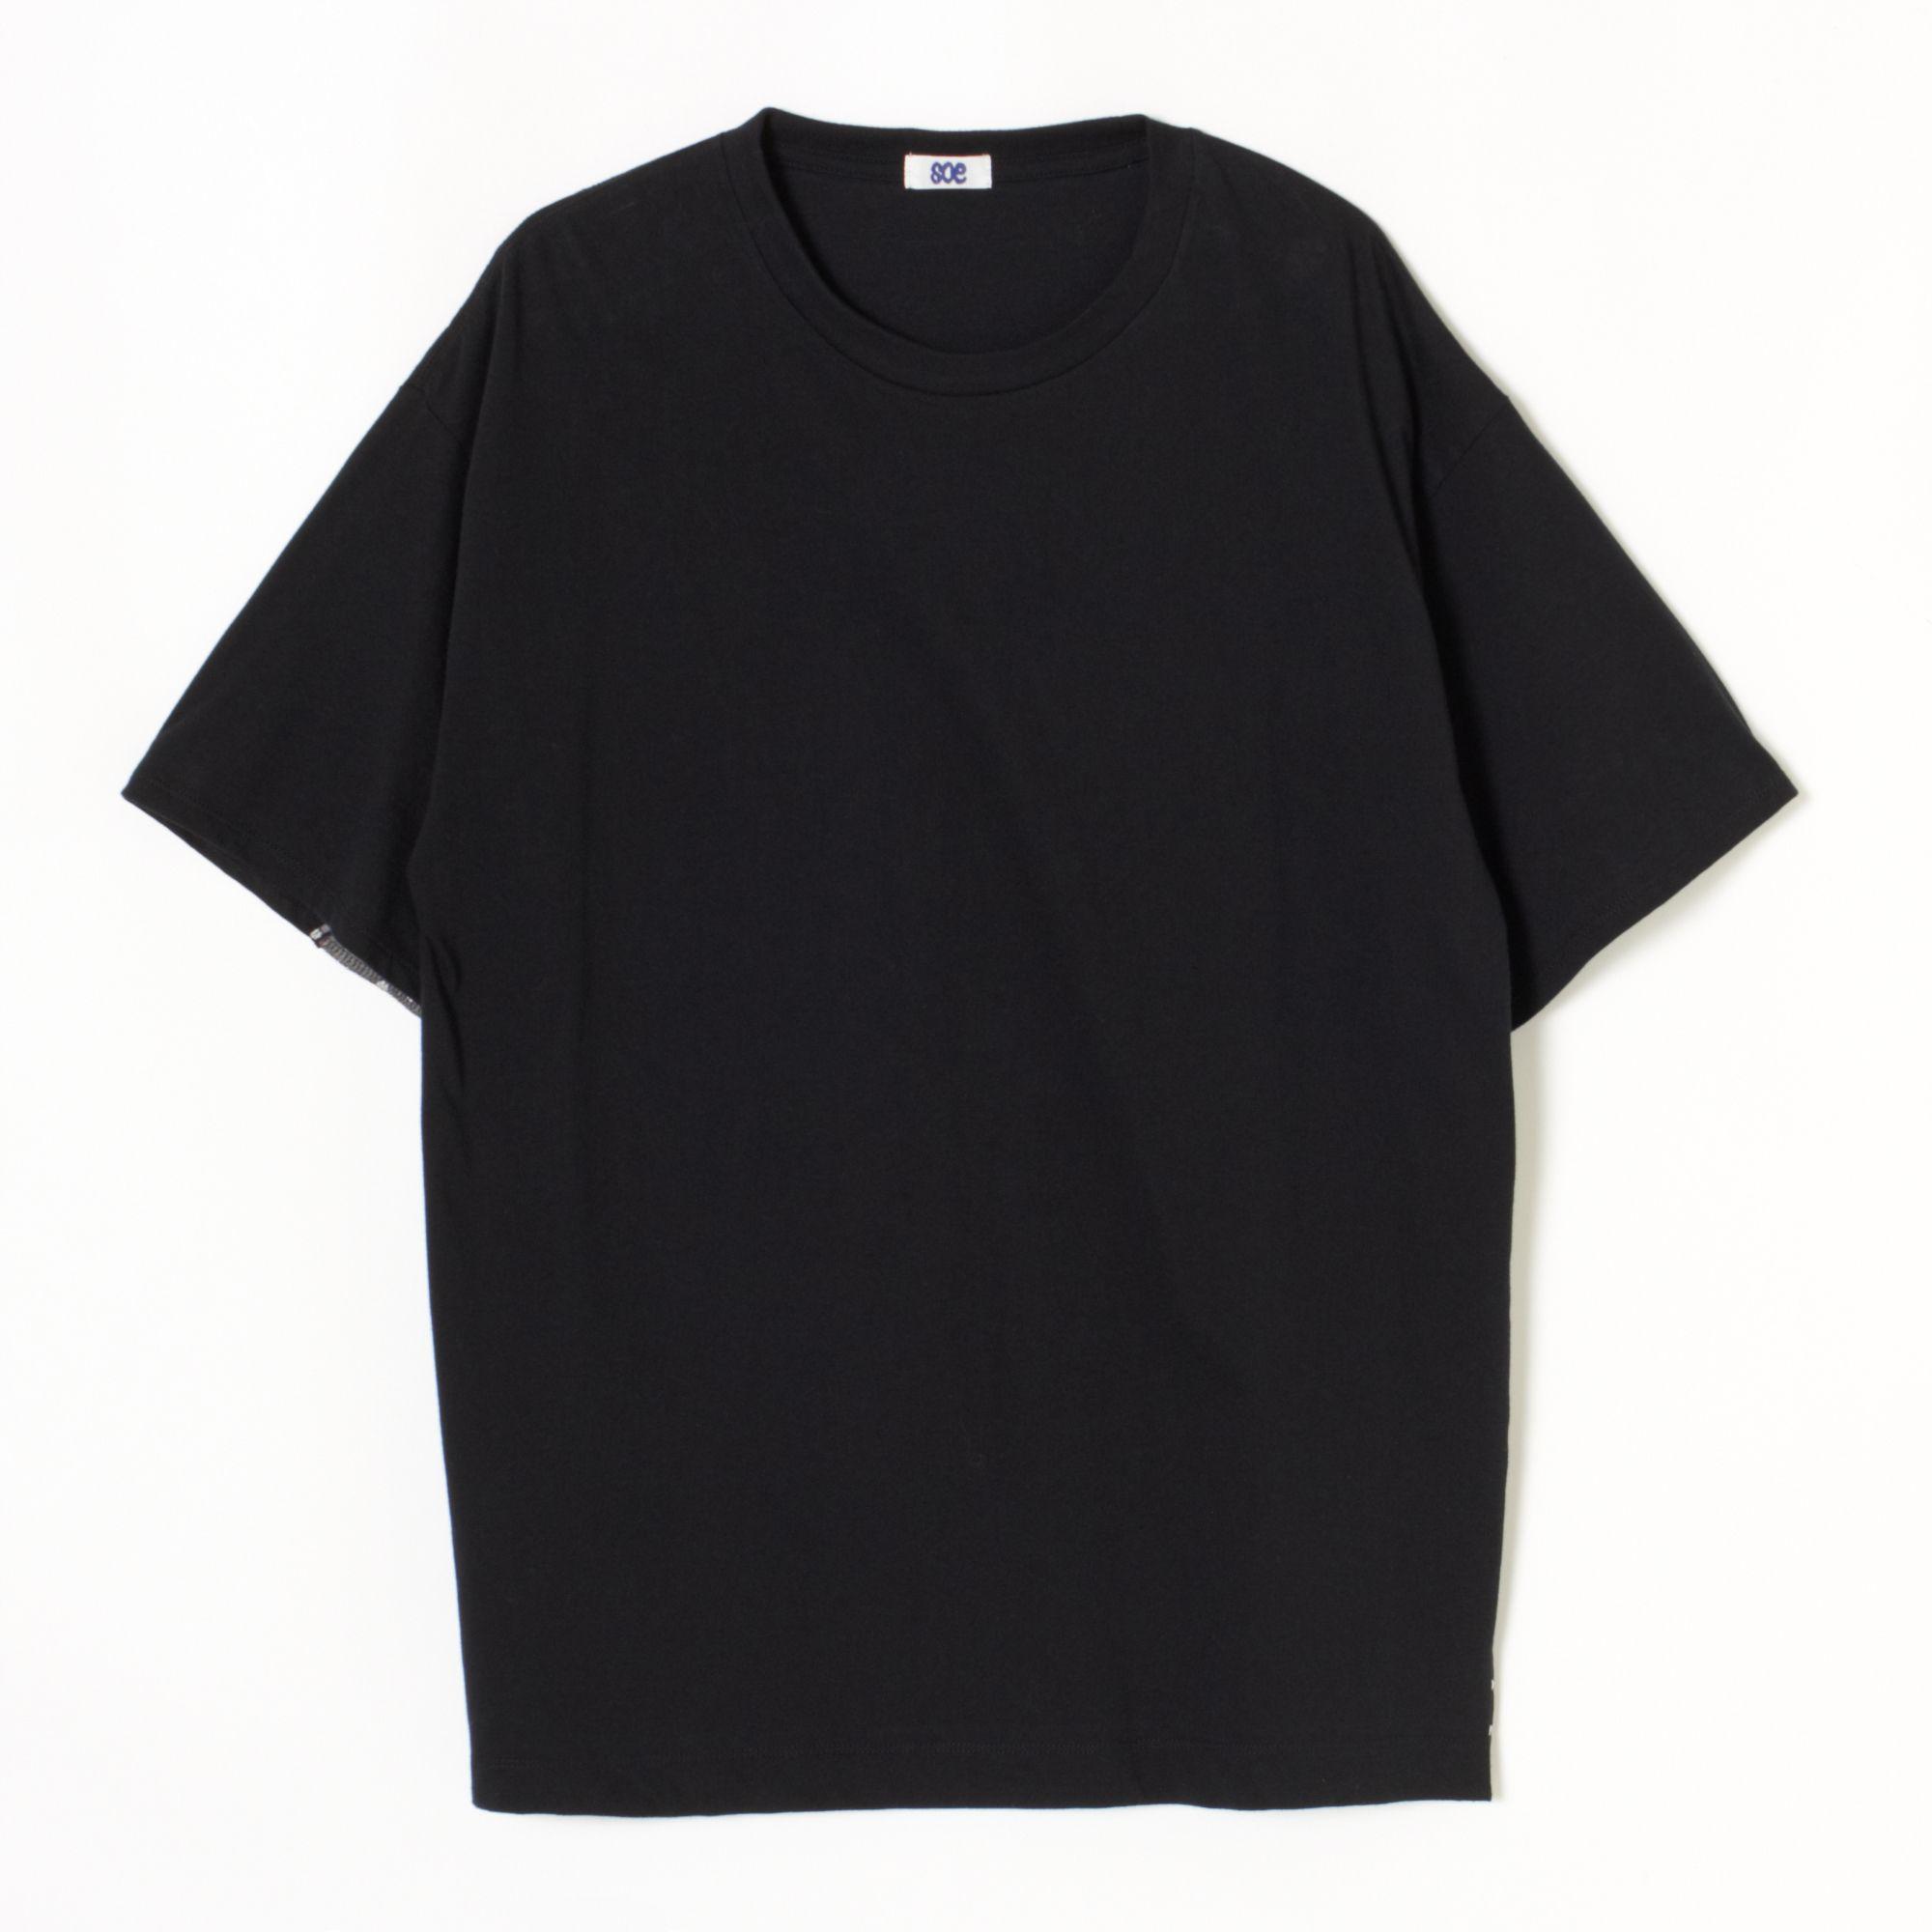 <集英社> メンズノンノ創刊30周年コラボTシャツ画像